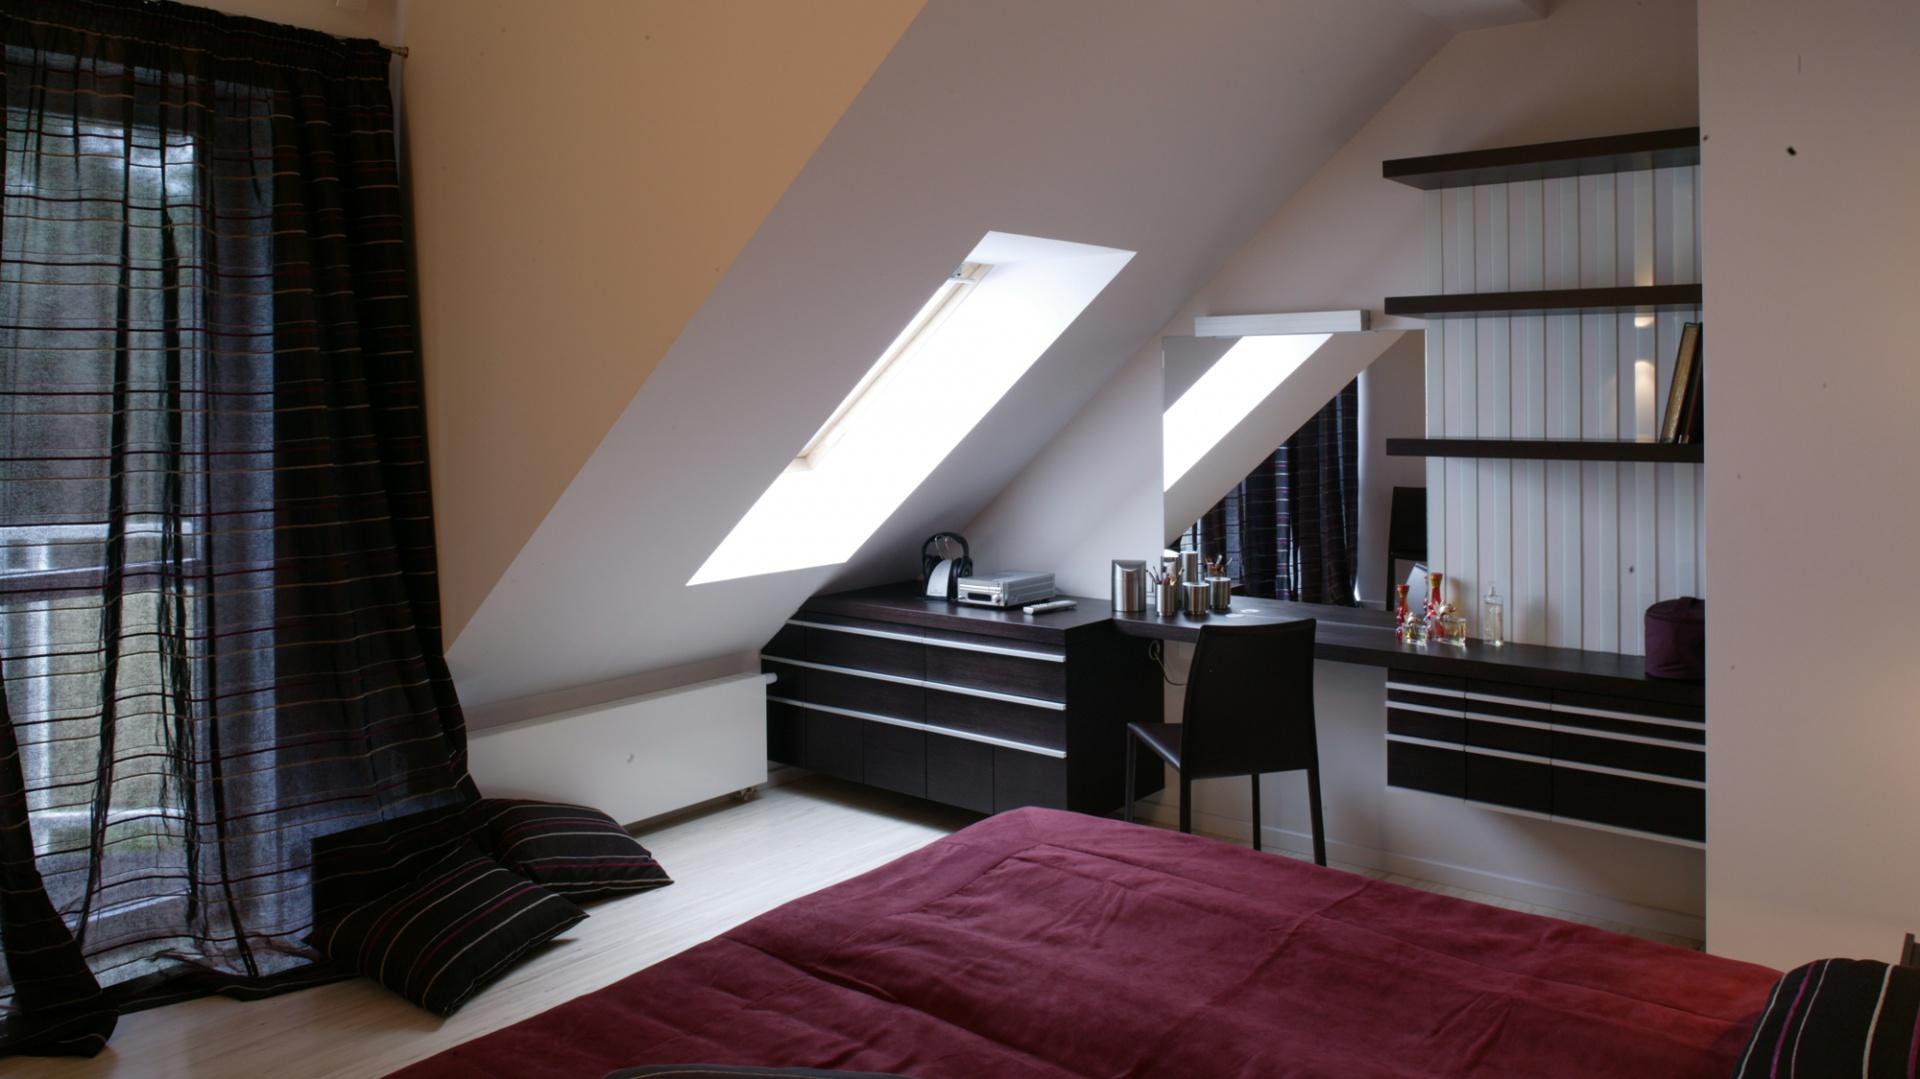 Narzuta na łóżko w kolorze przygaszonej czerwieni to najmocniejszy akcent kolorystyczny w sypialni. Z tkaninową dominantą współgra powłóczysta, półprzezroczysta zasłona okienna. Fot. Monika Filipiuk.